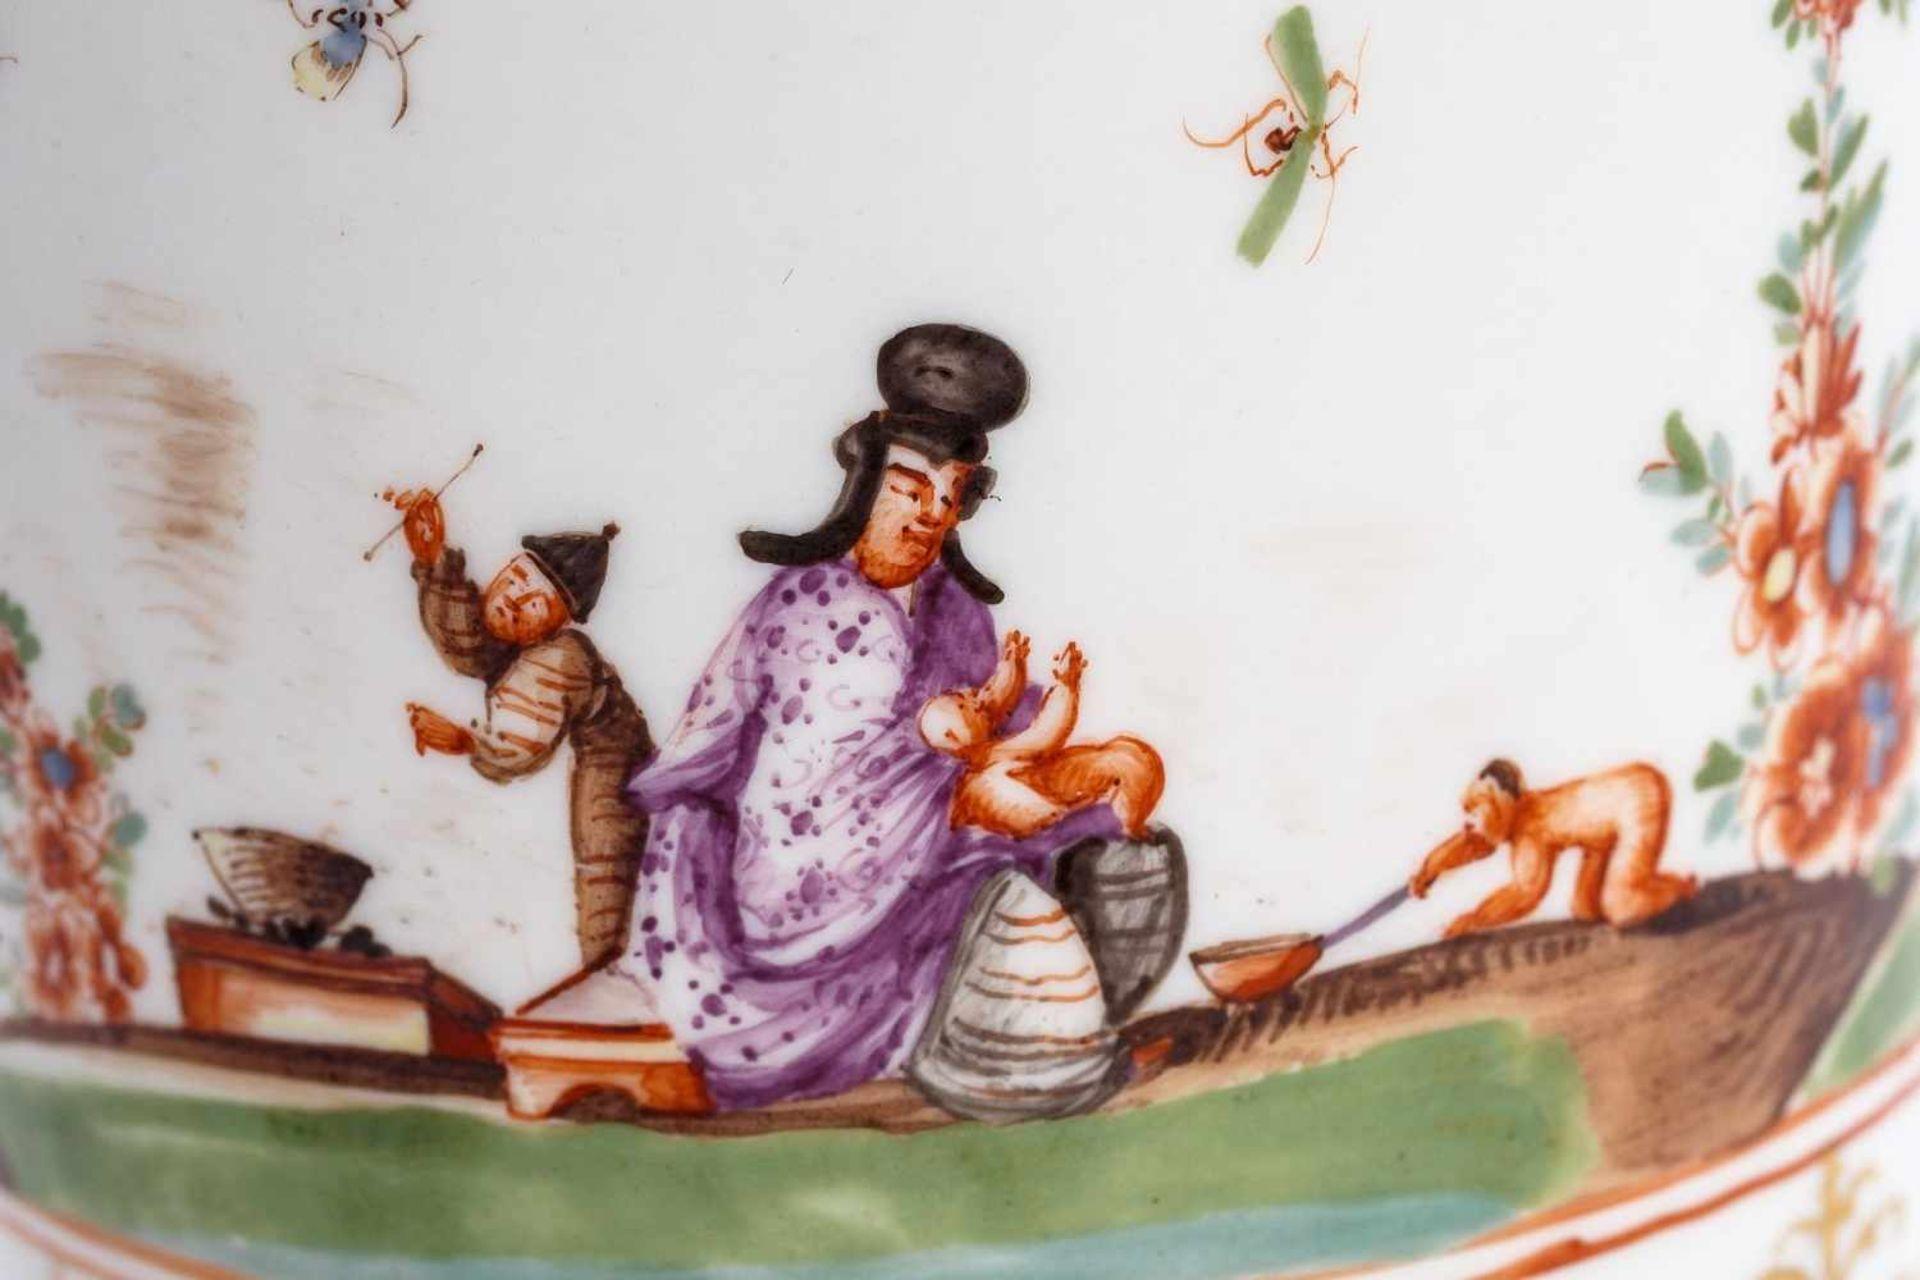 Becher, Meissen 1730 - Bild 4 aus 4